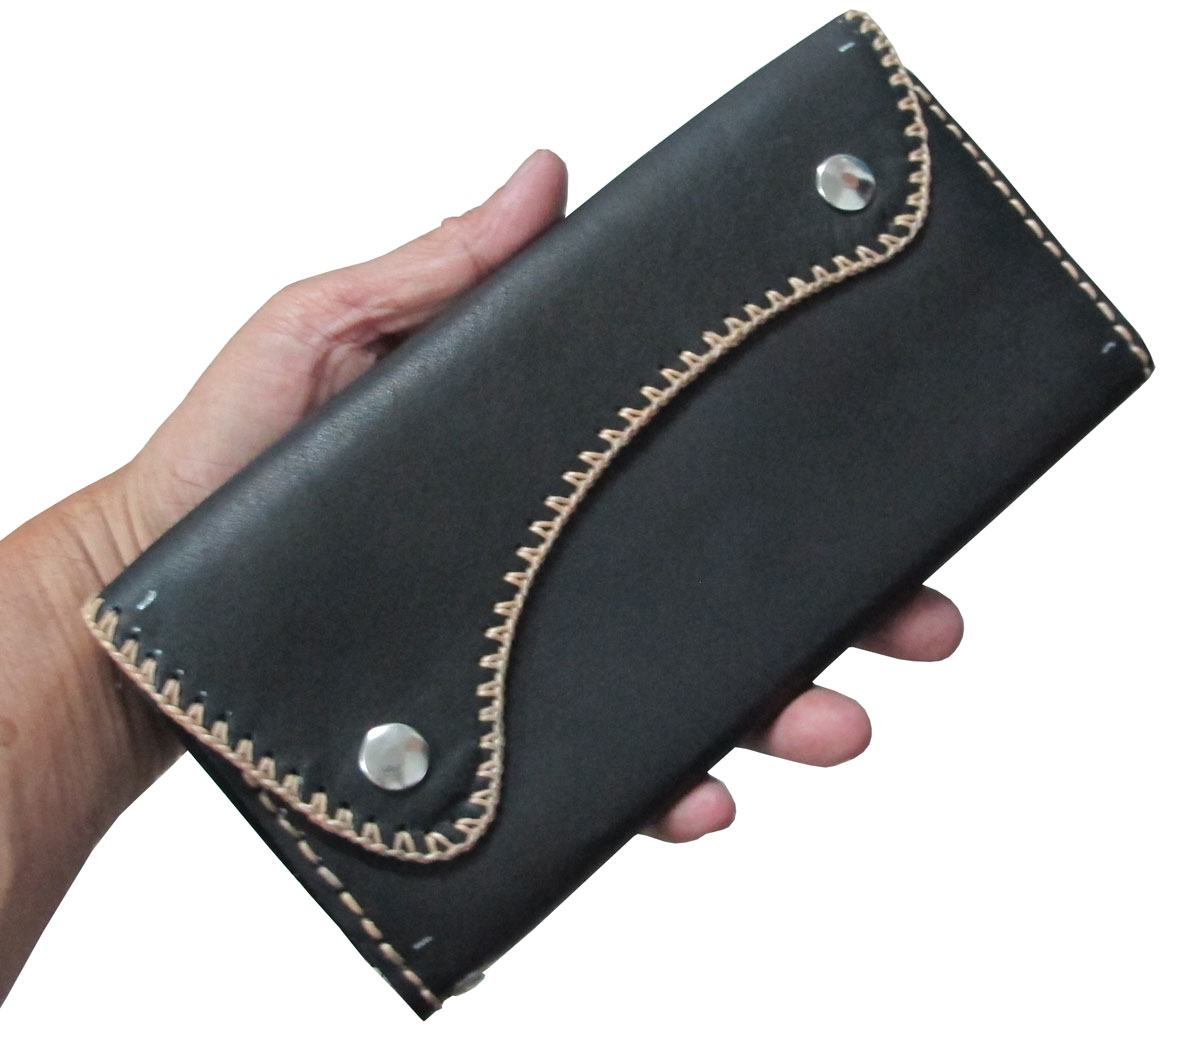 กระเป๋าสตางค์ยาว หนังวัวแท้ สีดำ แบบด้าน เรียบง่าย ทันสมัย ด้วย Styles Cassic